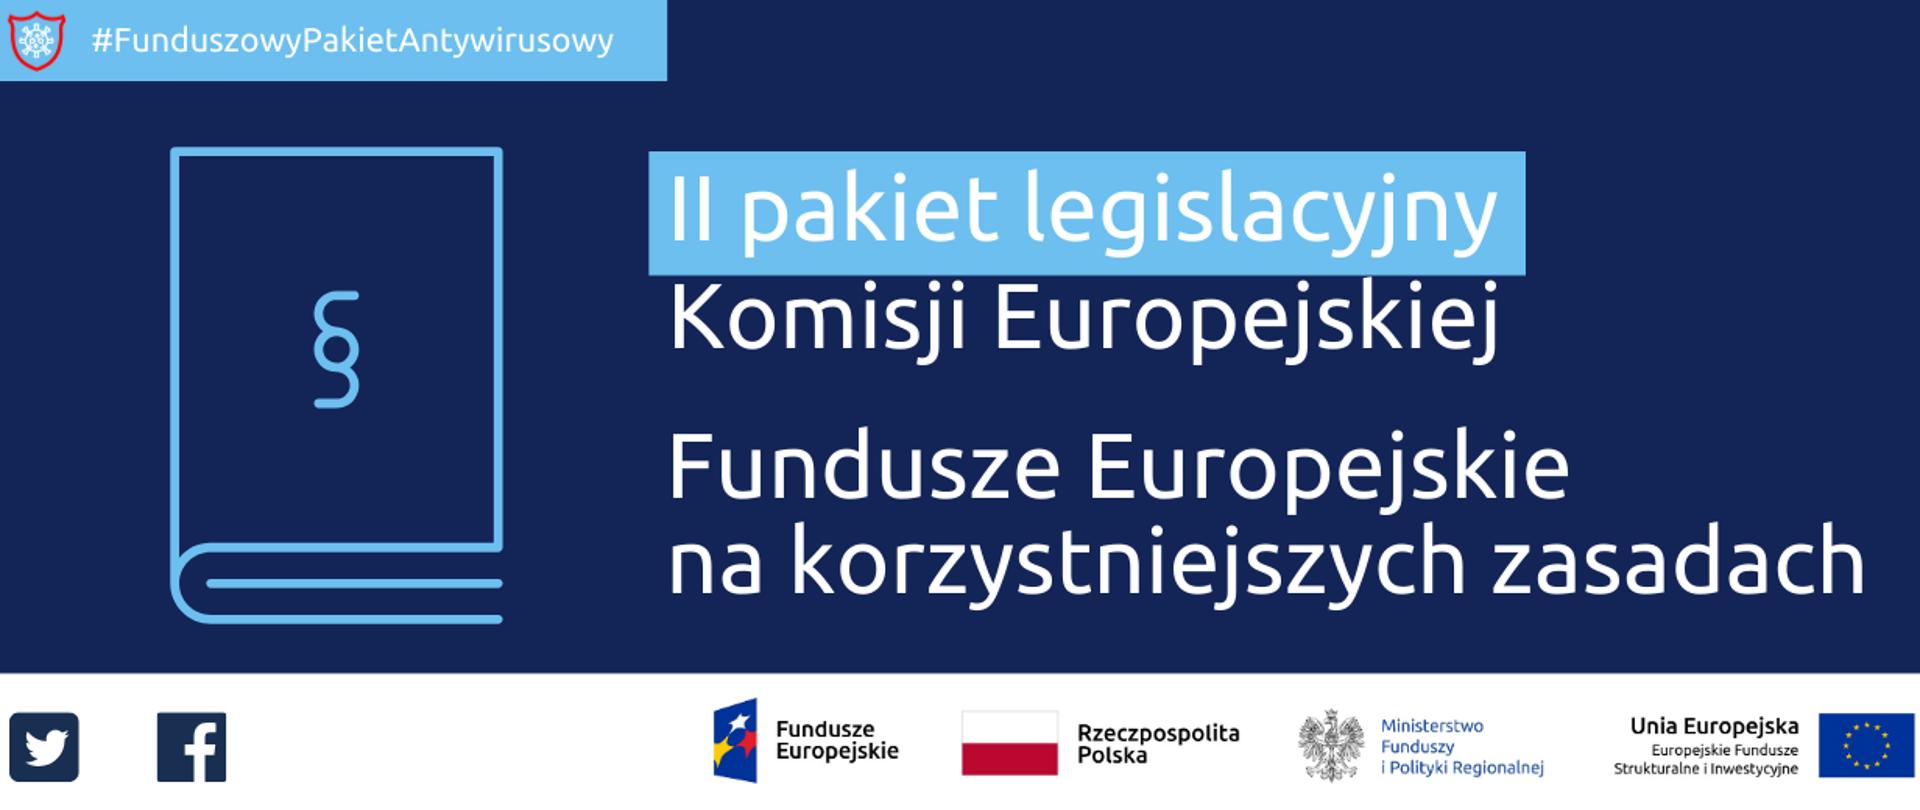 Napis: Funduszowy Pakiet Antywirusowy: Drugi pakiet legislacyjny Komisji Europejskiej, Fundusze Europejskie na korzystniejszych zasadach. Na dole ikonki Facebooka oraz Twittera, logotypy Funduszy Europejskich i Ministerstwa Funduszy i Polityki Regionalnej, flaga Polski.